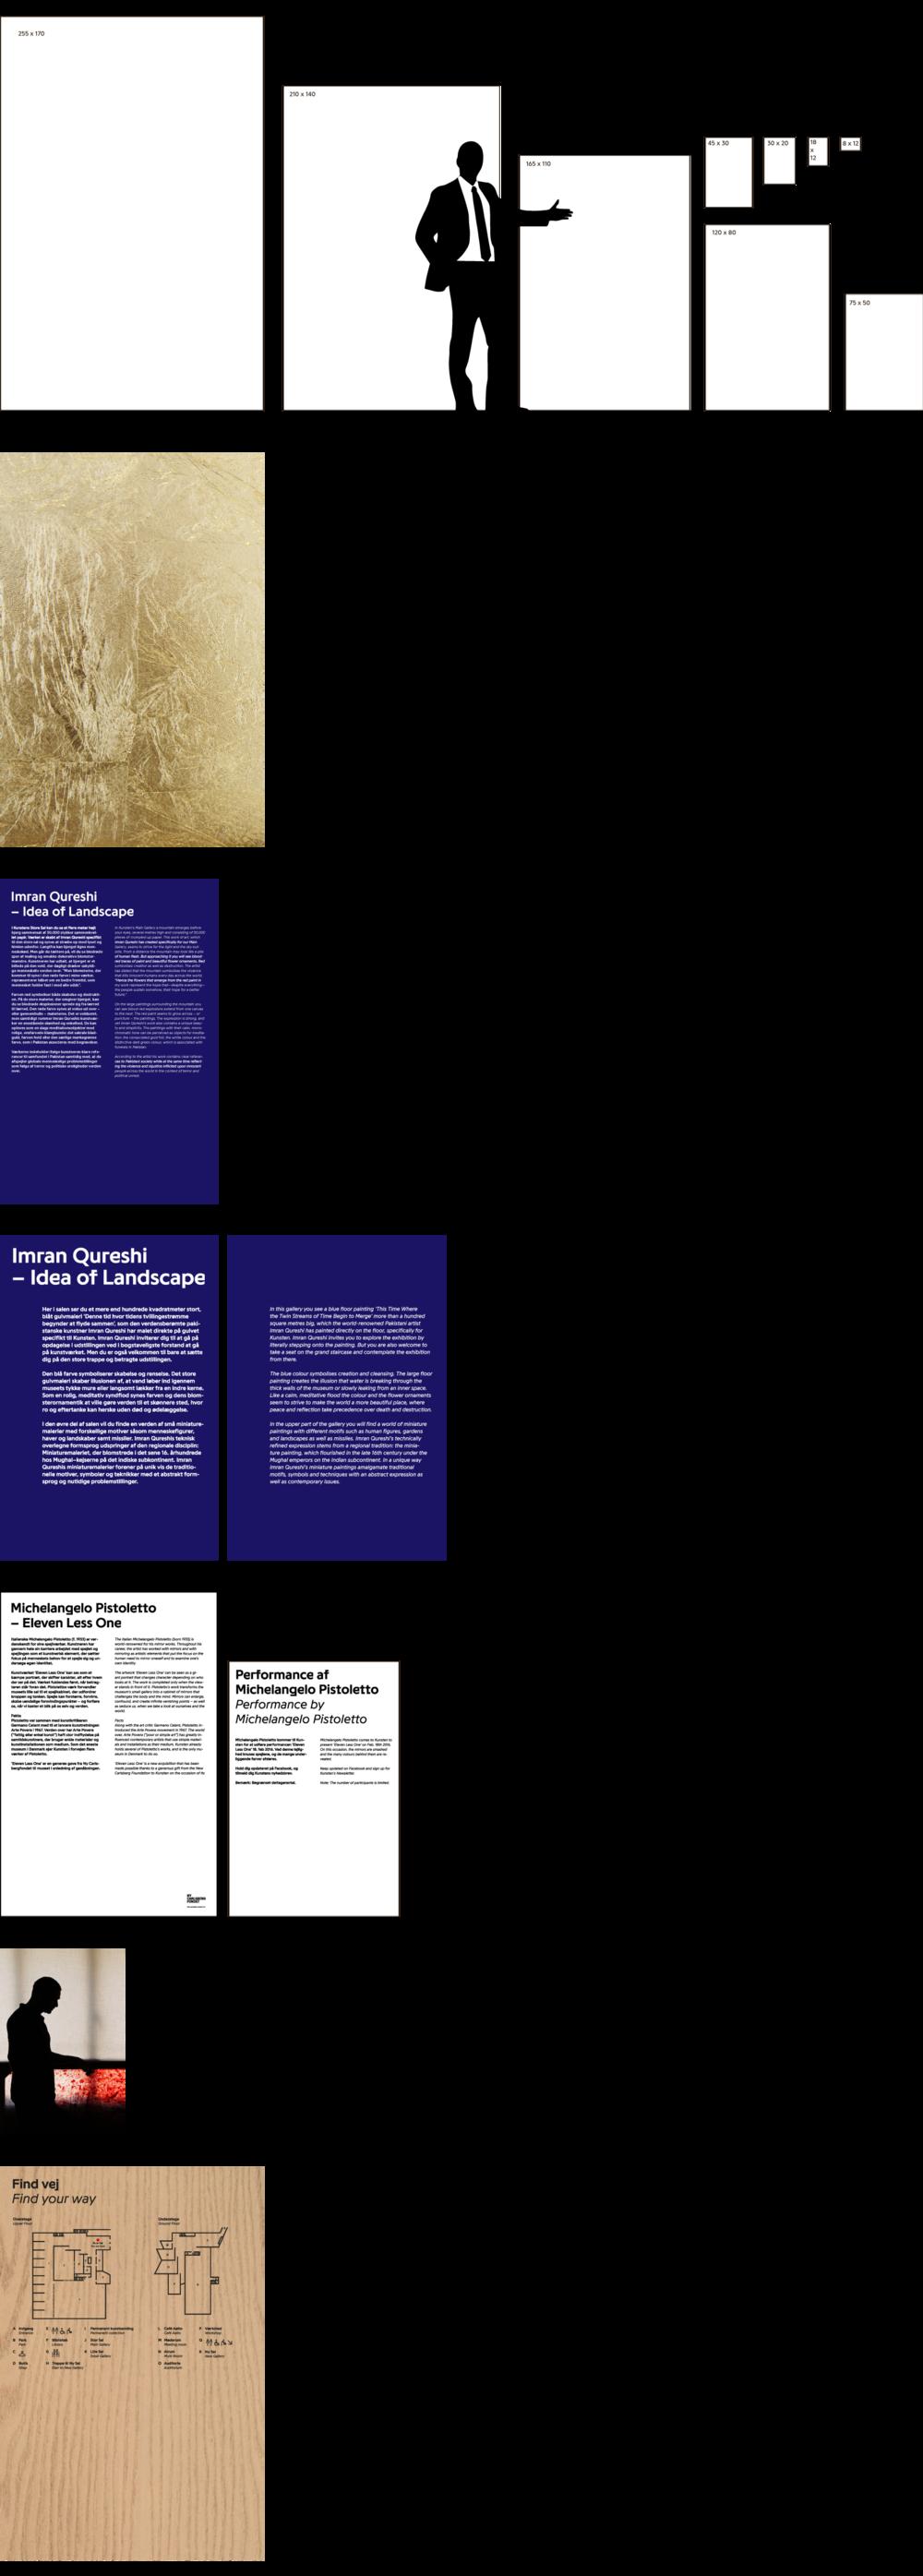 Midlertidige-Formater_Skriftoversigt-copy-7.png